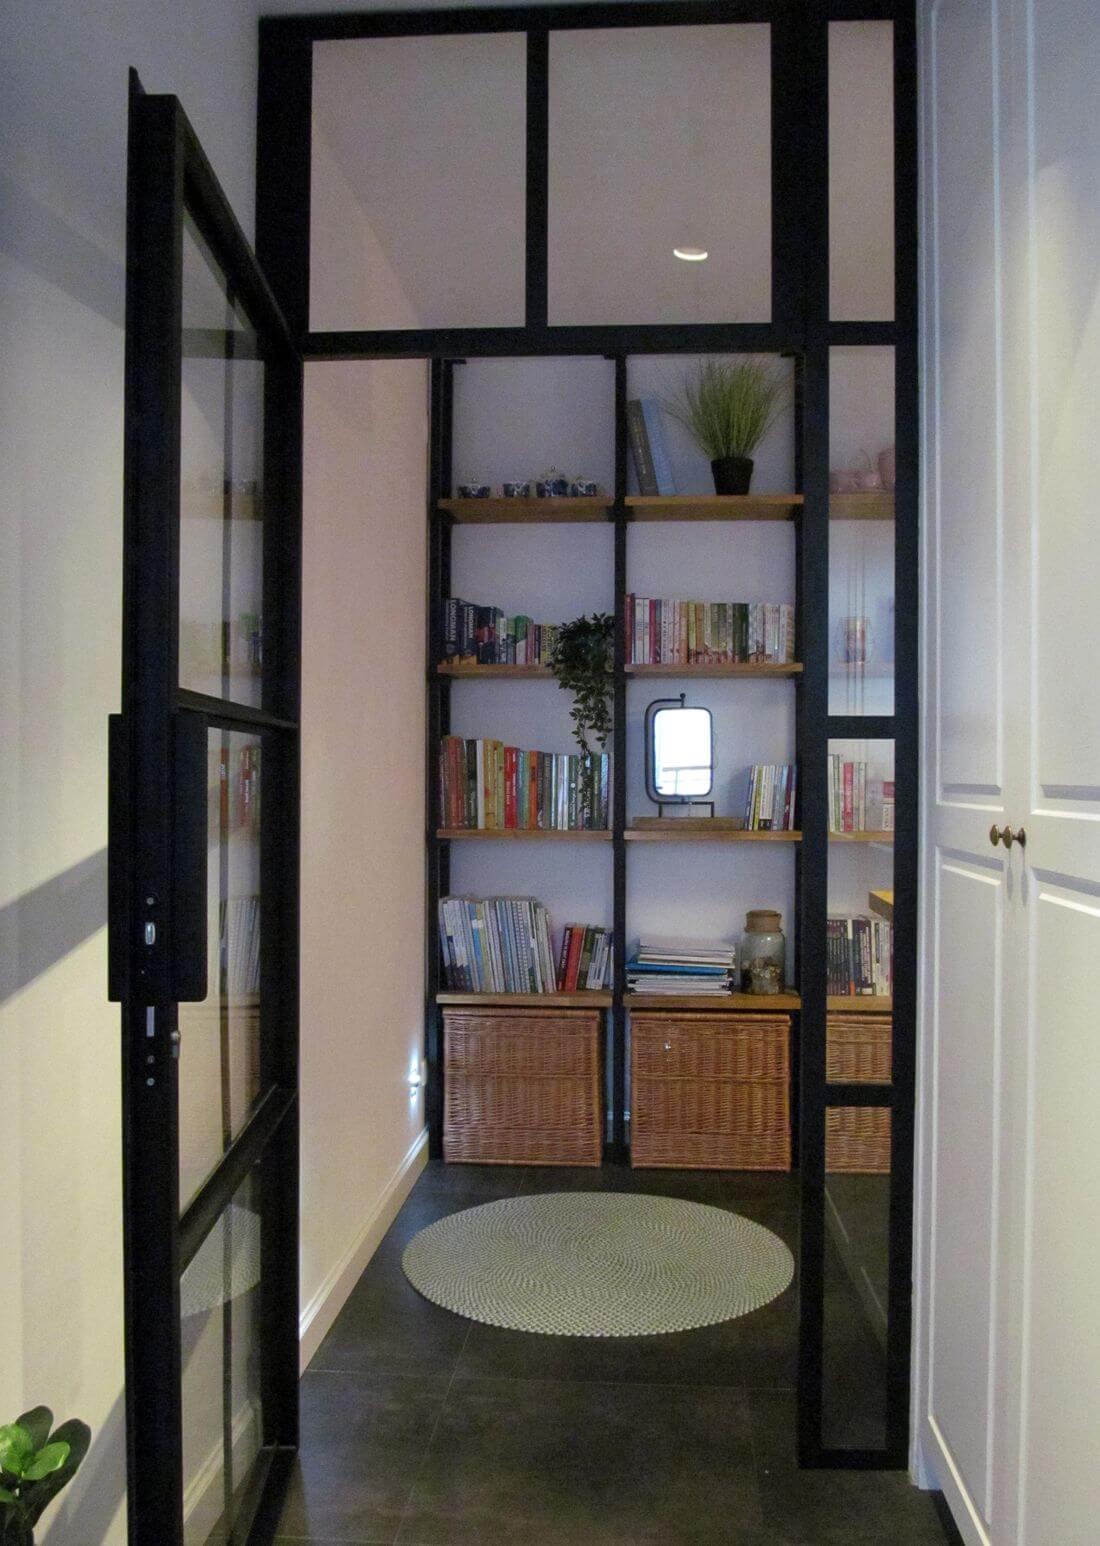 Mieszkanie Loft - Warszawa Praga - Drzwi typu loft z czarnego metalu i szkła zamykane na klucz w przedsionku